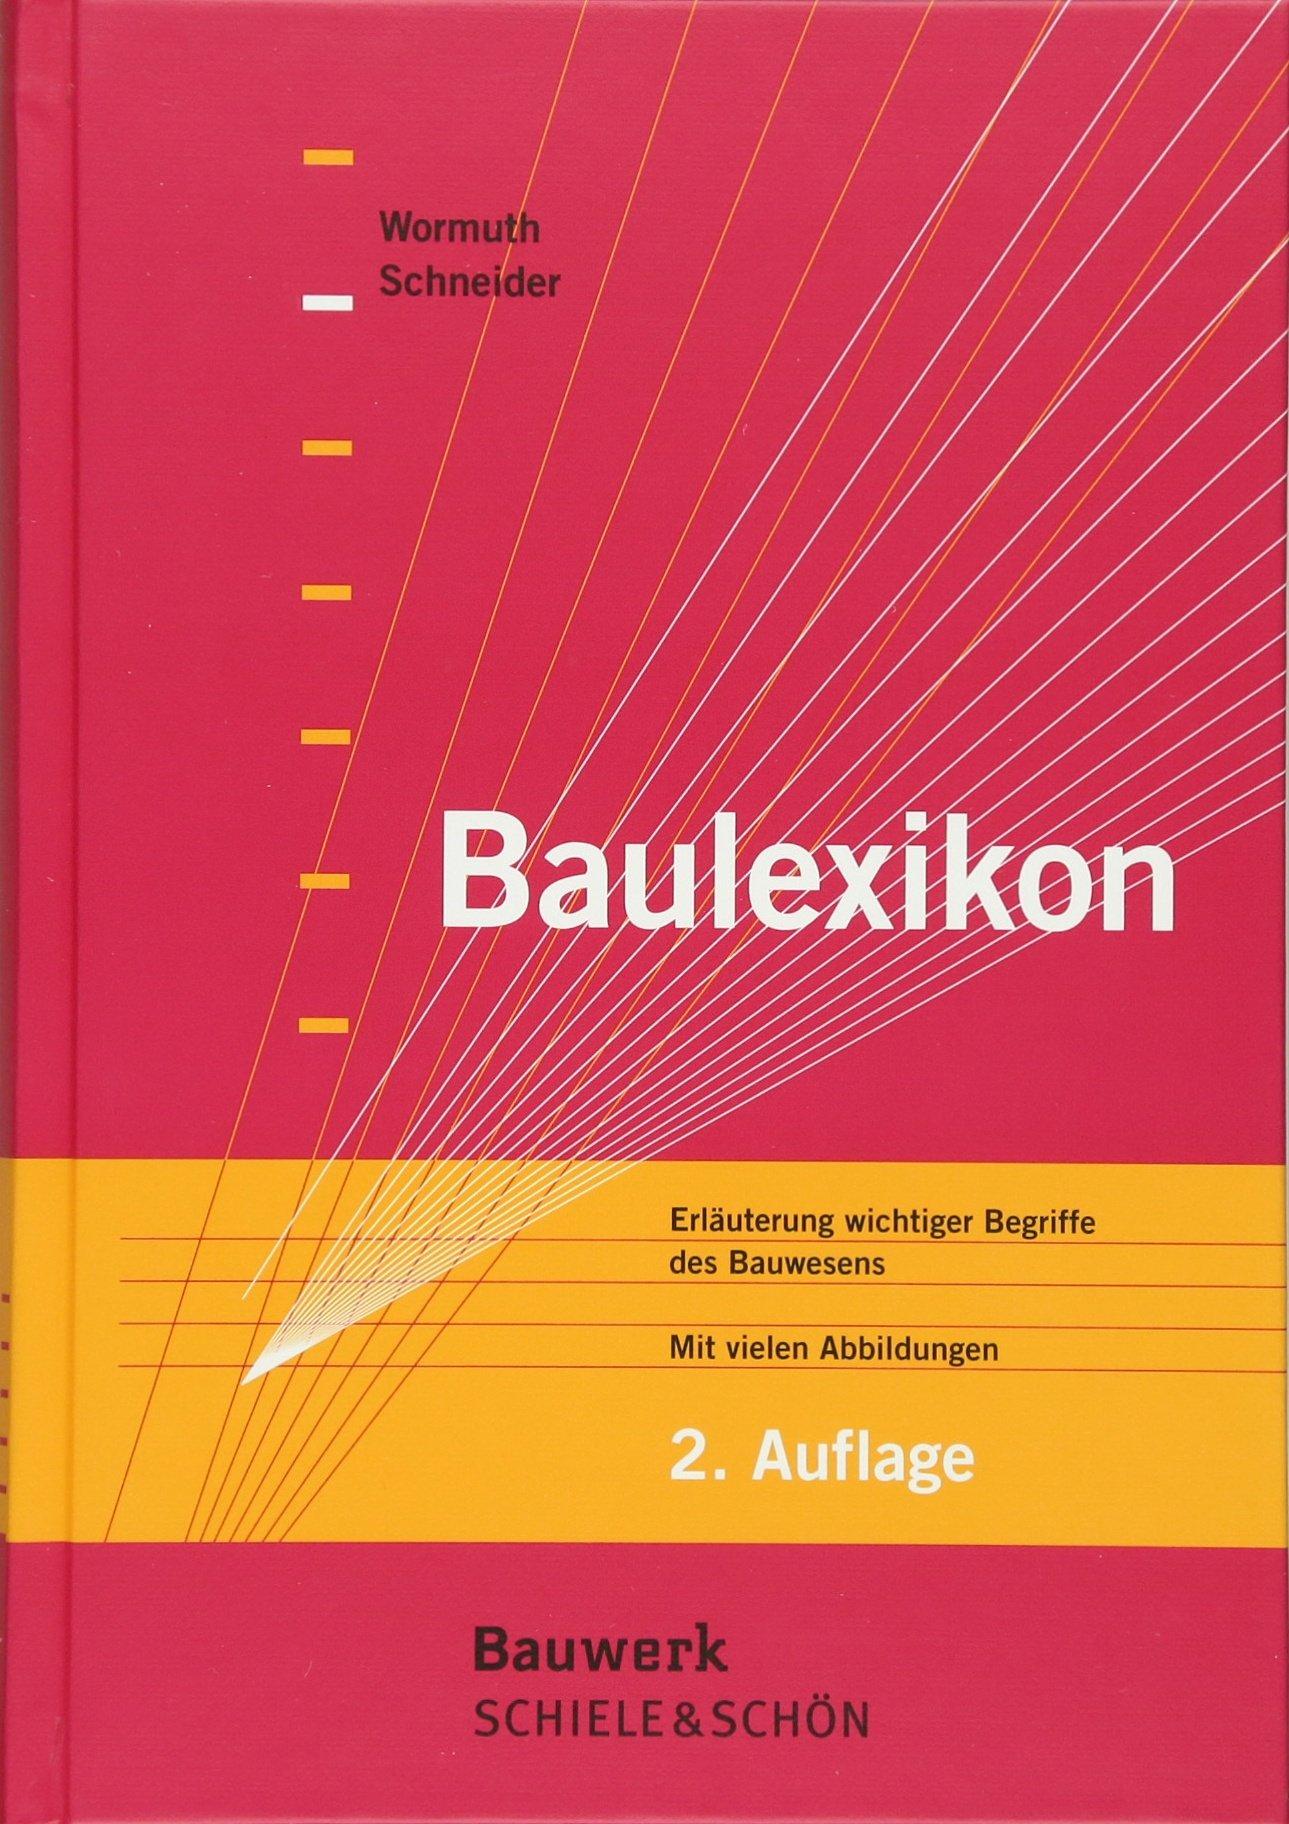 Baulexikon: Erläuterung wichtiger Begriffe des Bauwesens (Bauwerk)